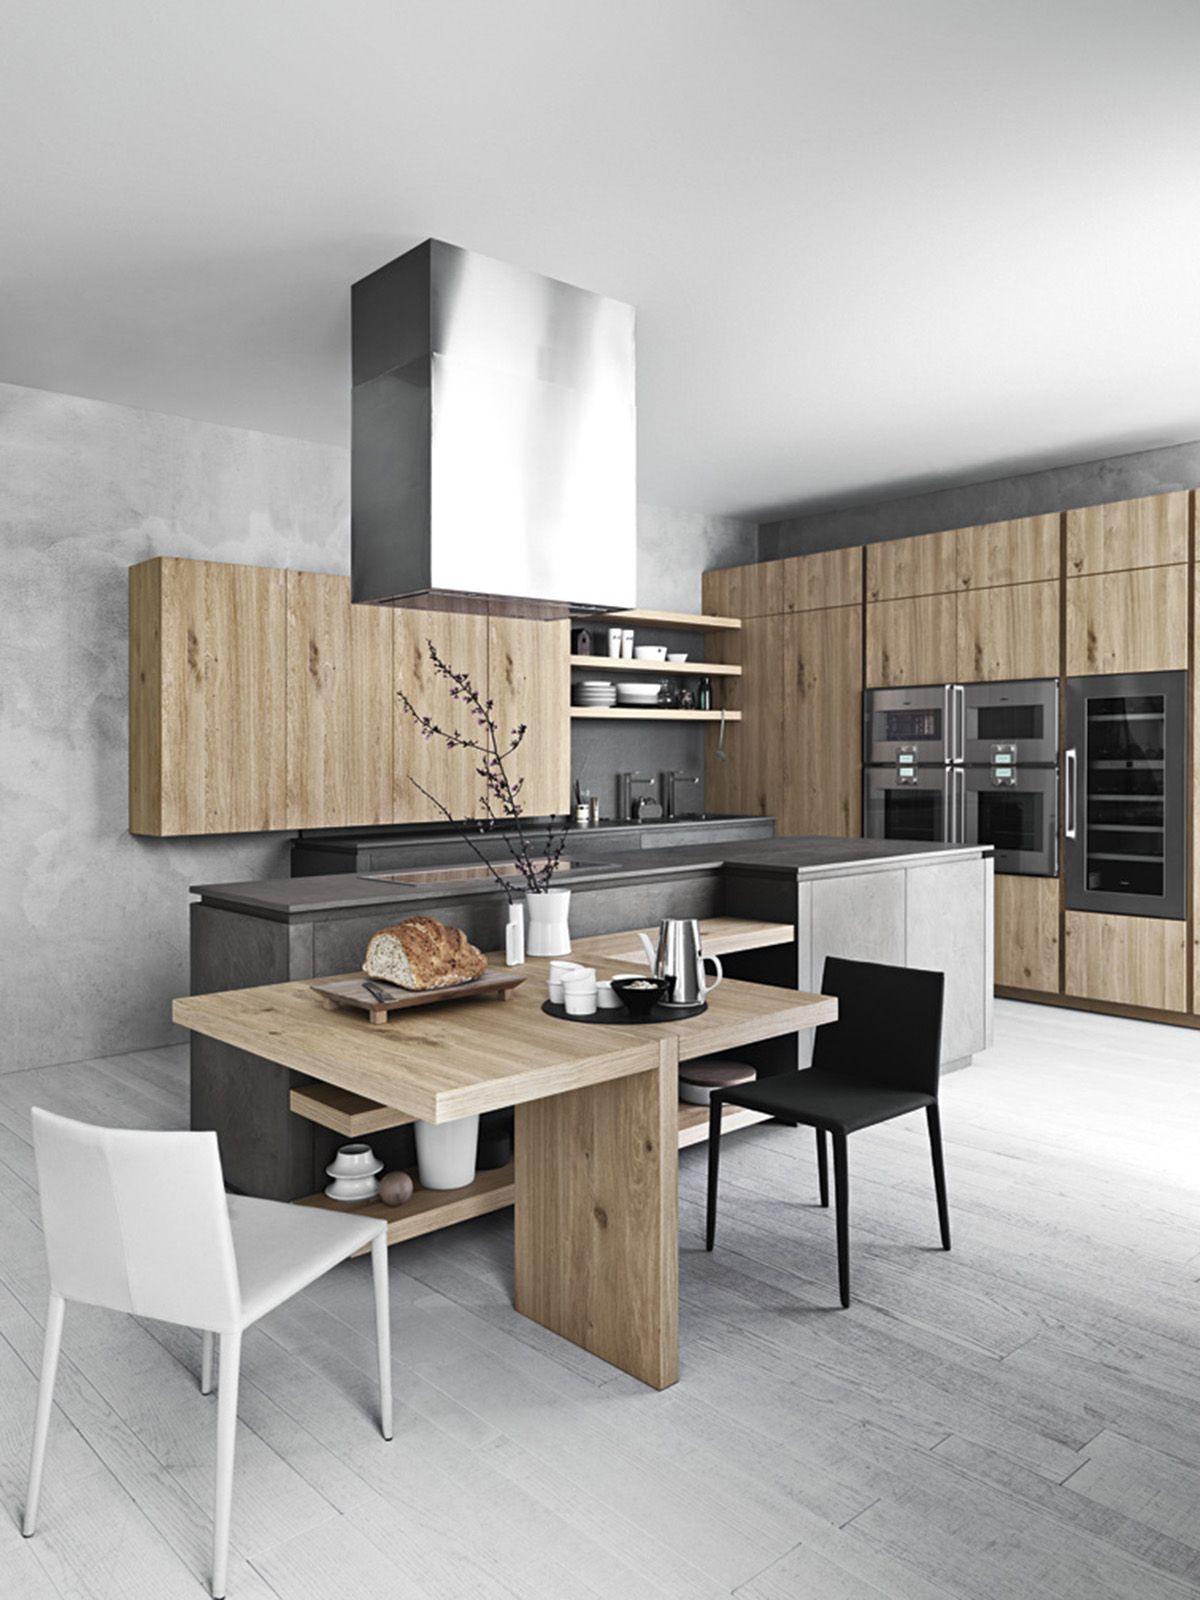 Cucina legno grezzo e rivestimenti grigi | Kitchen | Pinterest ...